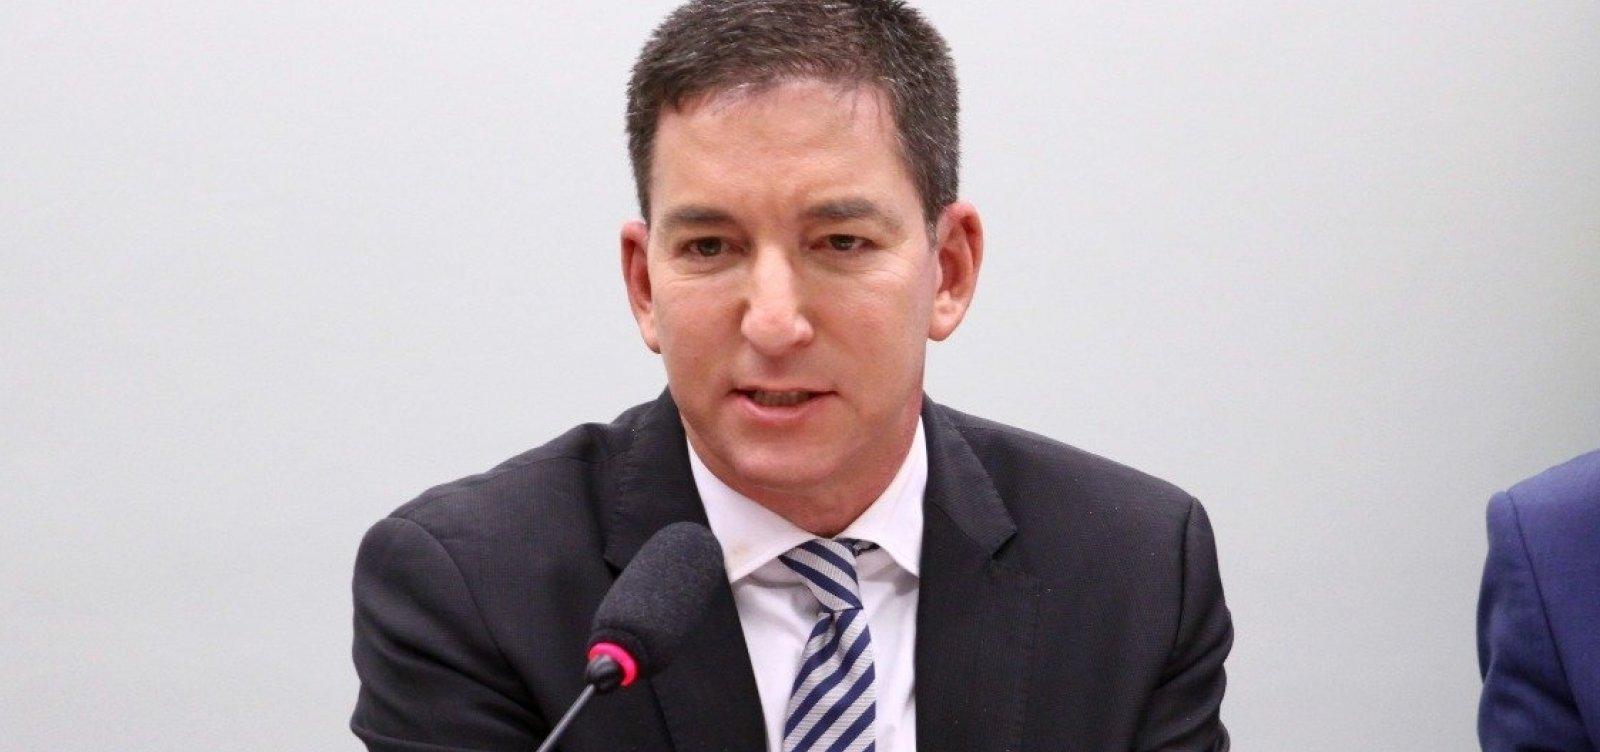 [Glenn Greenwald diz que Moro ameaça imprensa livre]